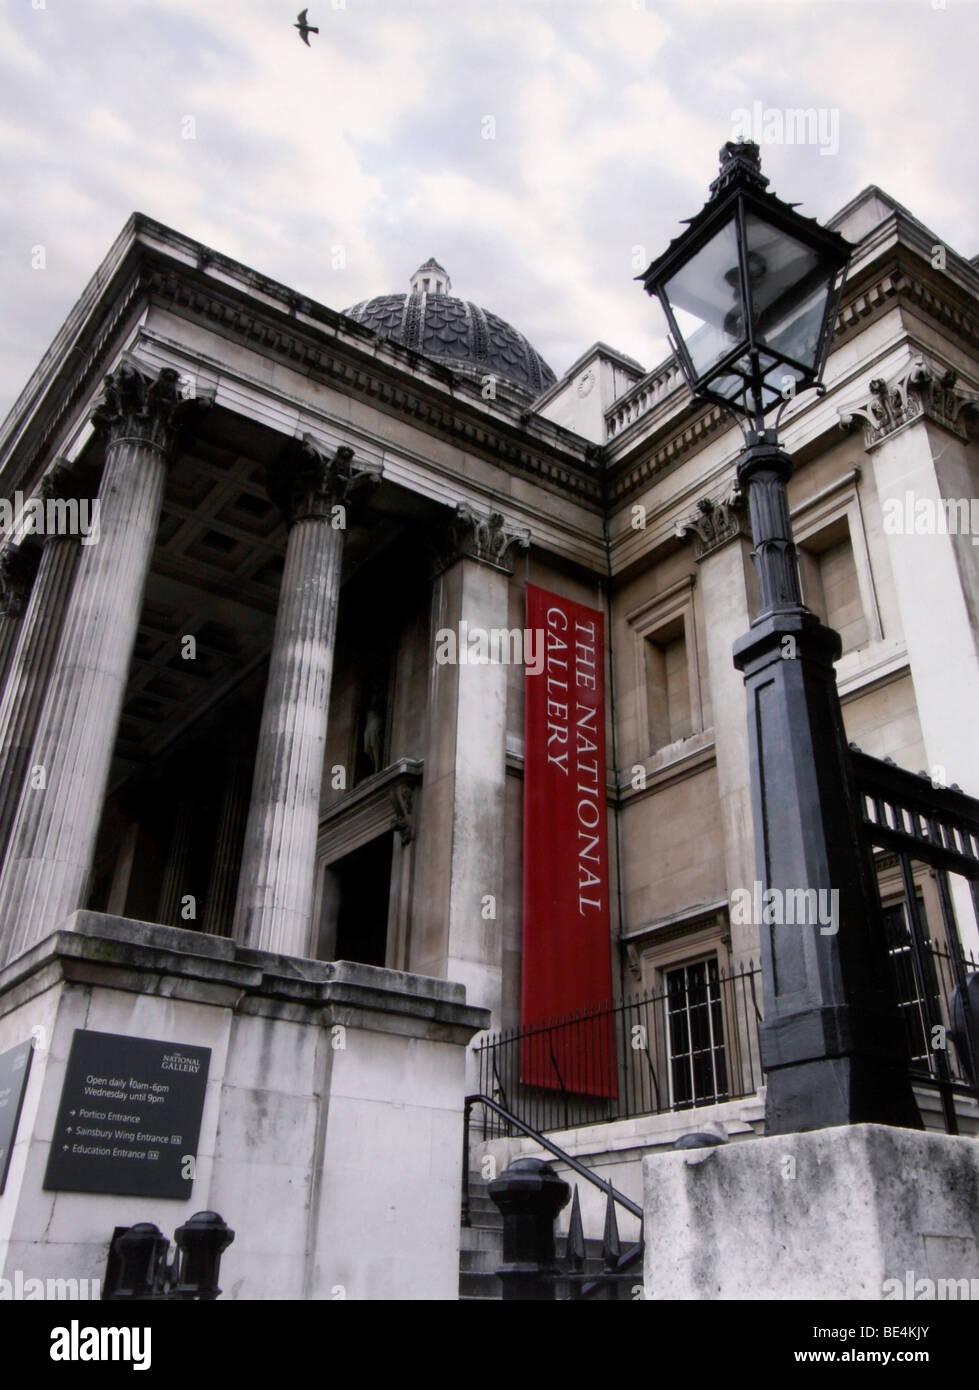 National Gallery, London, England, United Kingdom, Europe - Stock Image